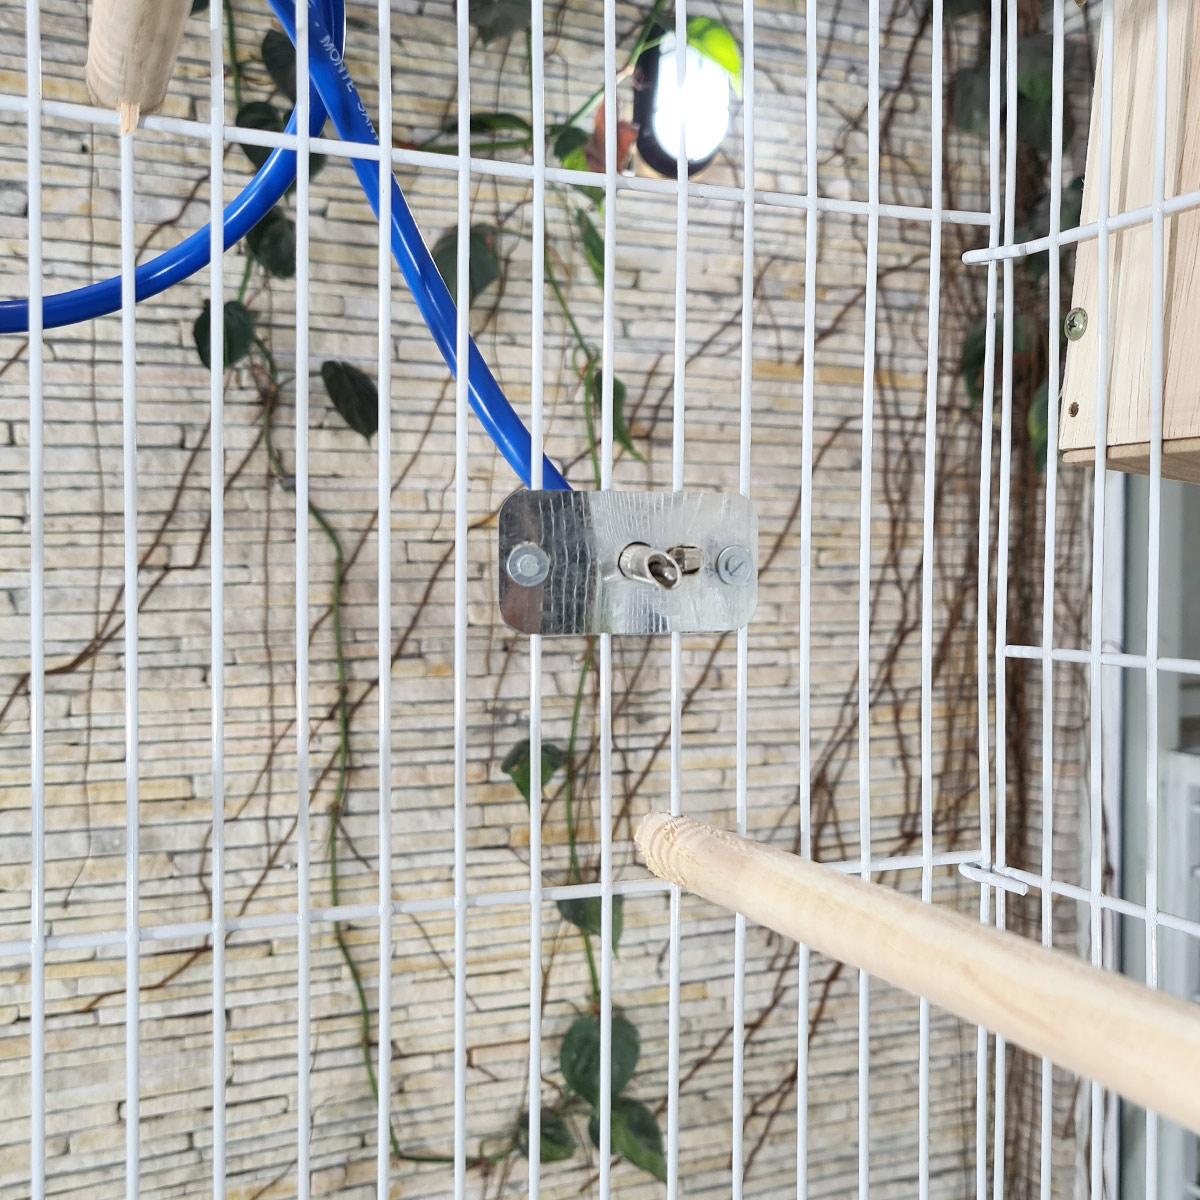 gaiola Voadeira viveiro reprodução calopsita agaporne periquito karen completa